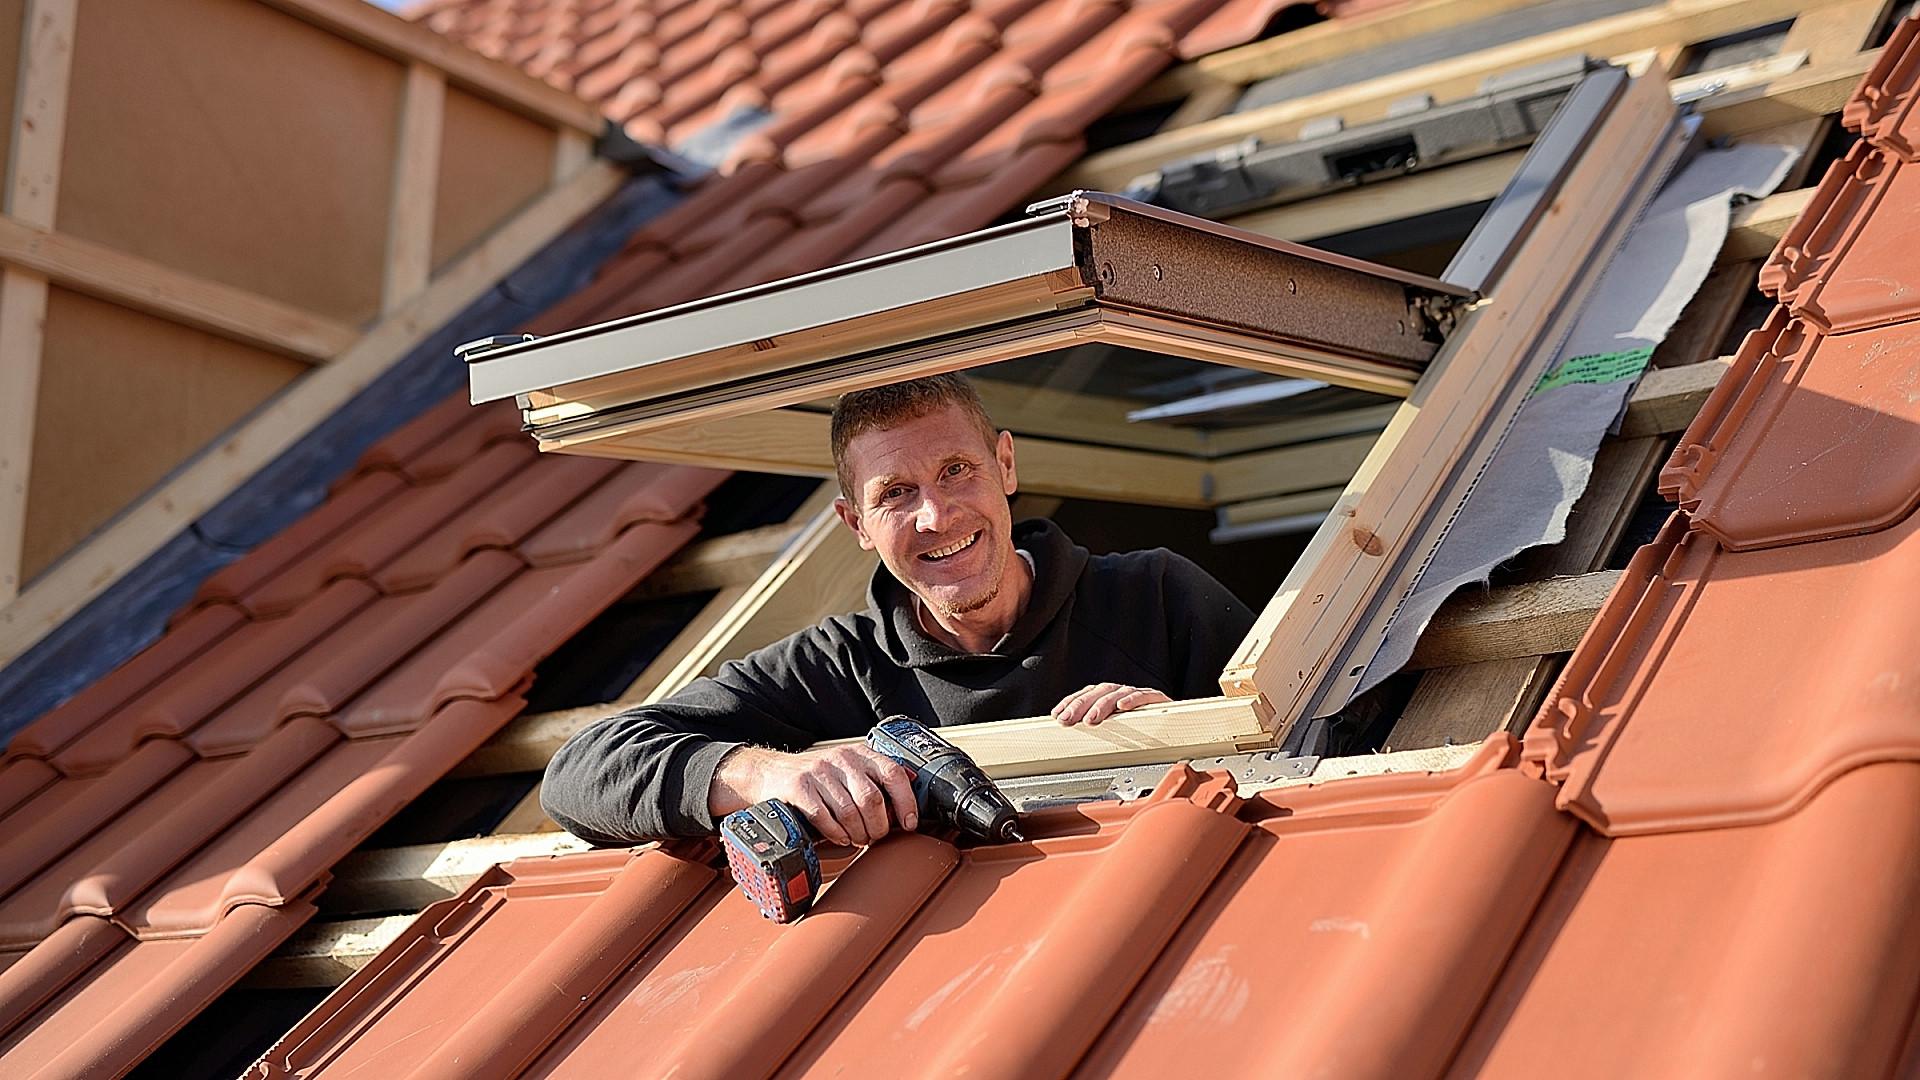 Full Size of Felux Fenster Dachfenster Dach Bttcher Drutex Teleskopstange Standardmaße Klebefolie Für Sonnenschutz Obi Einbauen Kosten Einbruchsicherung Rc3 Weru Preise Fenster Felux Fenster